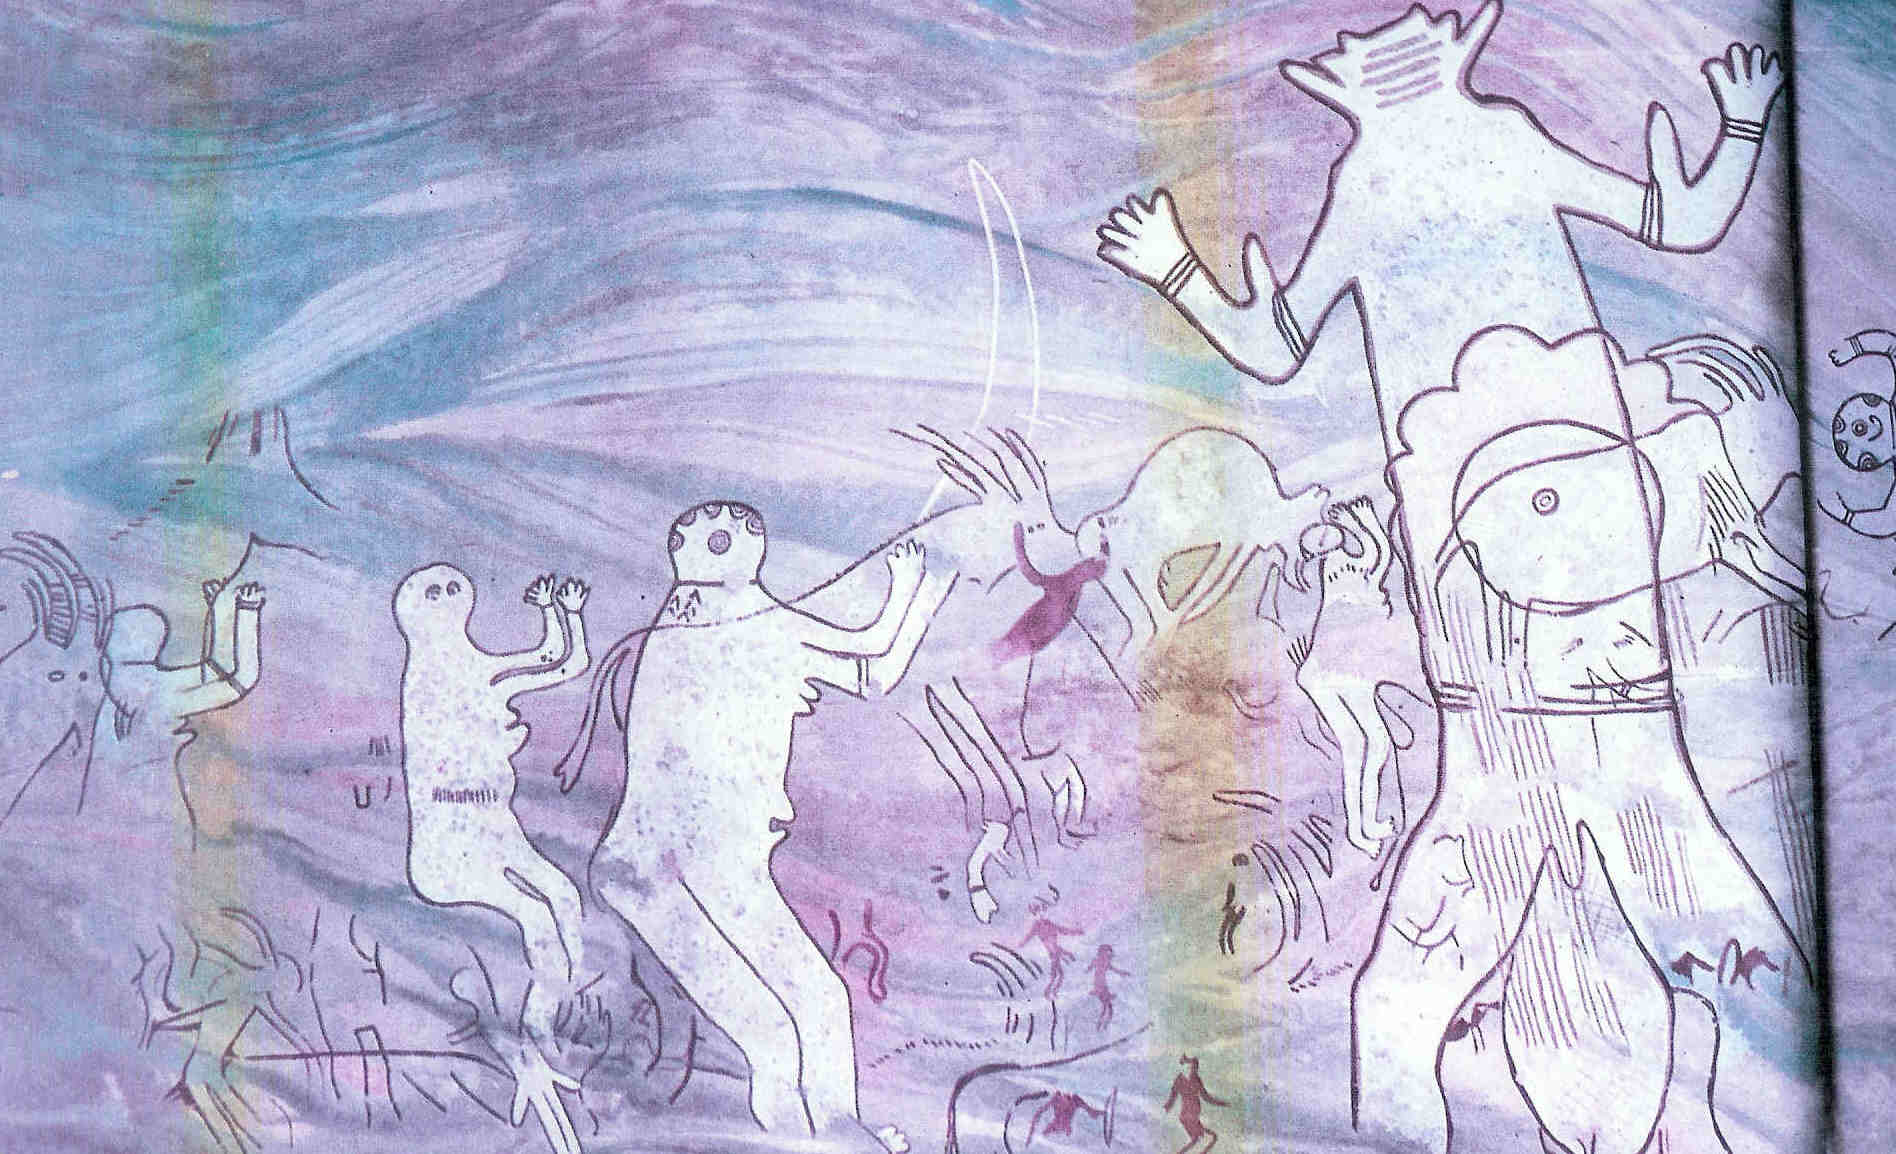 Links diverse Vrouwen met opgeheven armen. Zij neemt deel aan vruchtbaarheidsritueel met grote gemaskerde figuur. Helemaal rechts is het hoofd te zien van een barende Vrouwe. Zie volgende afbeelding voor haar gehele lichaam. Uit Tassili n'Ajjer. Steentijd.